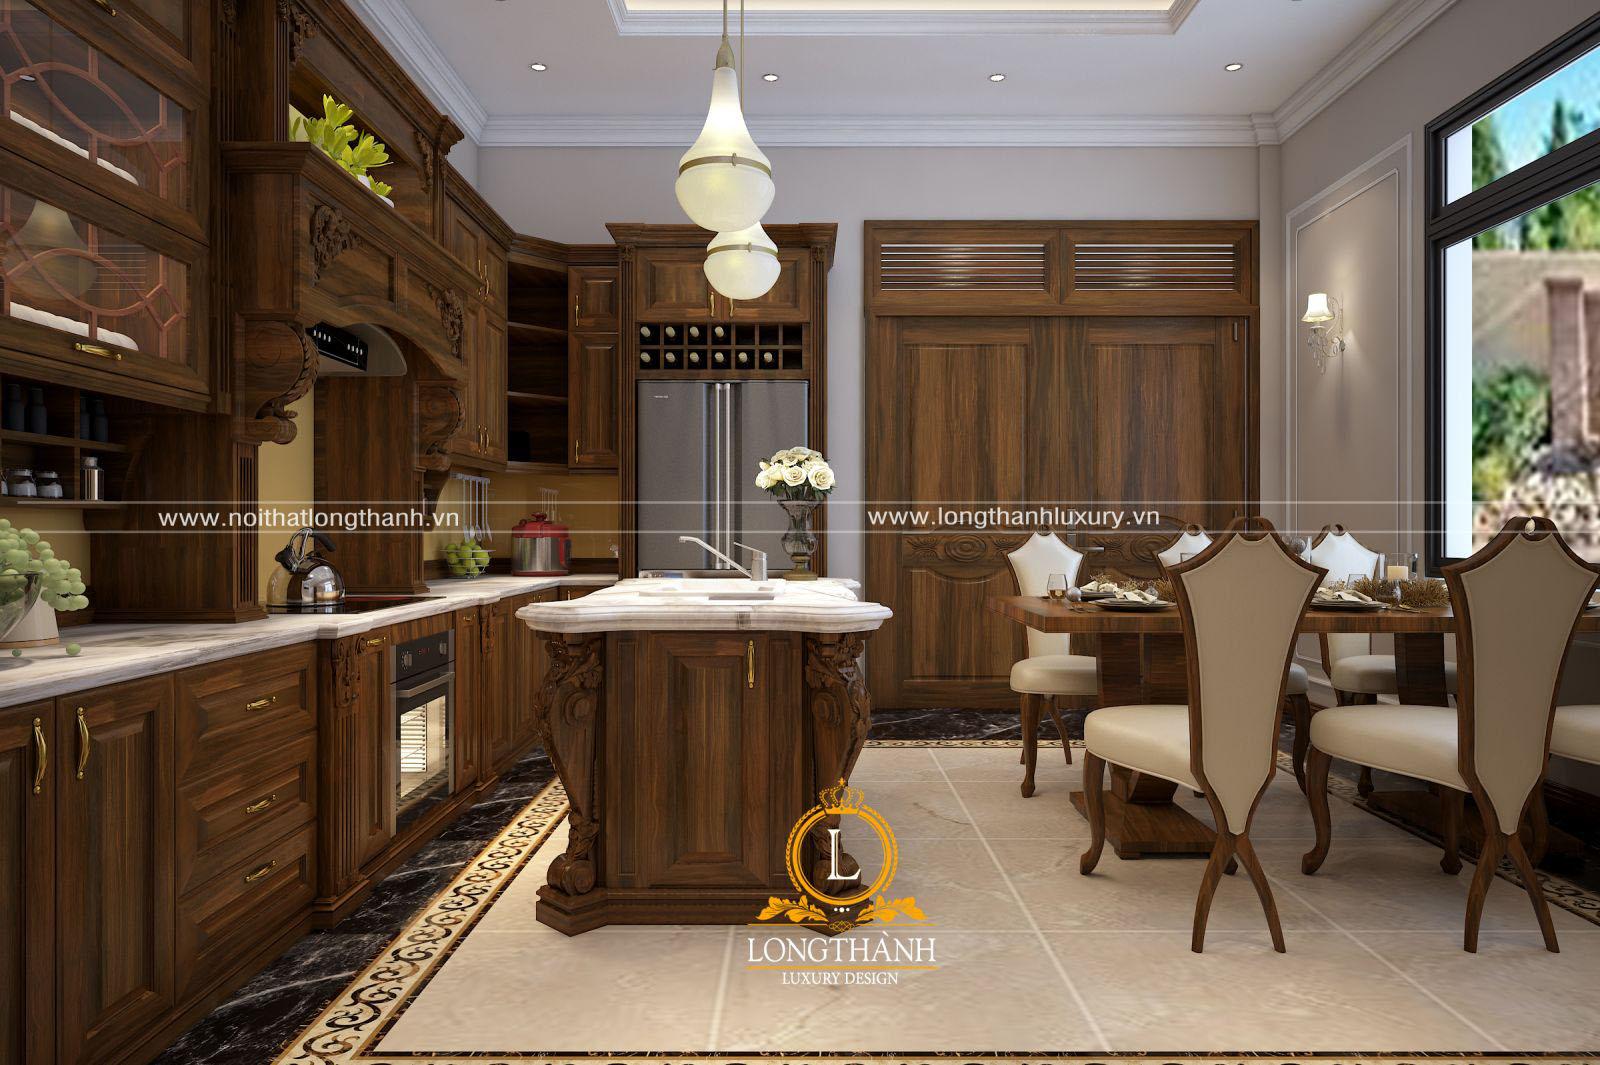 Tủ bếp được làm từ gỗ tự nhiên cao cấp